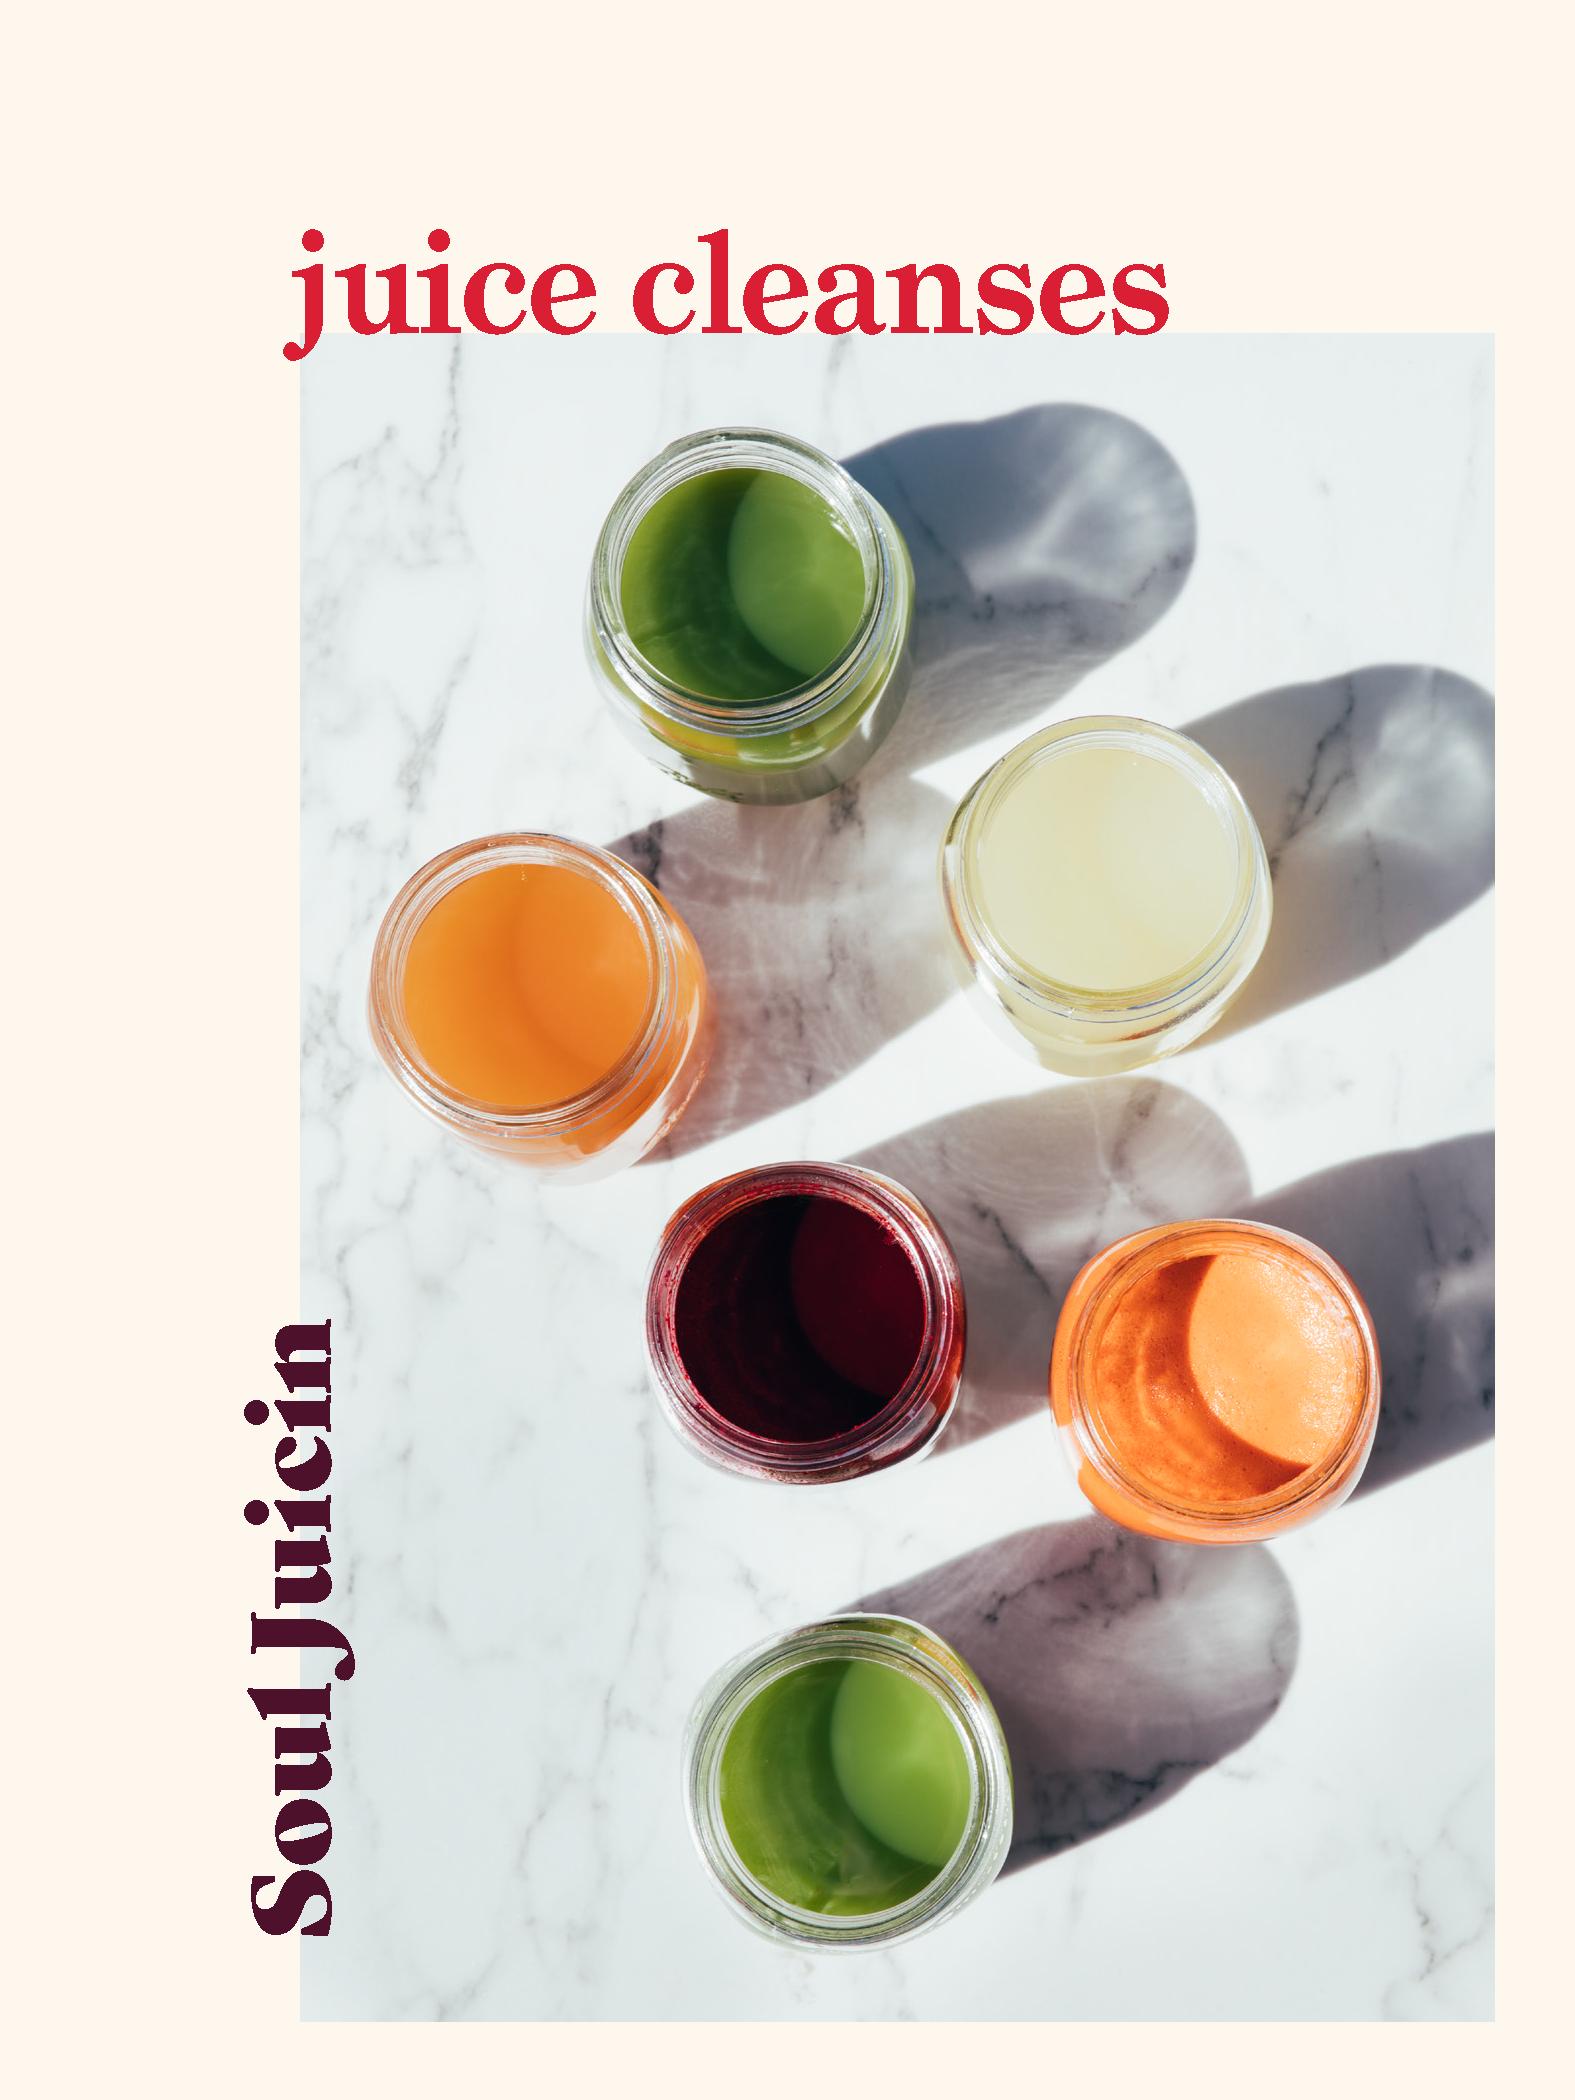 Soul Juicin juice cleanse zine_Page_1.png